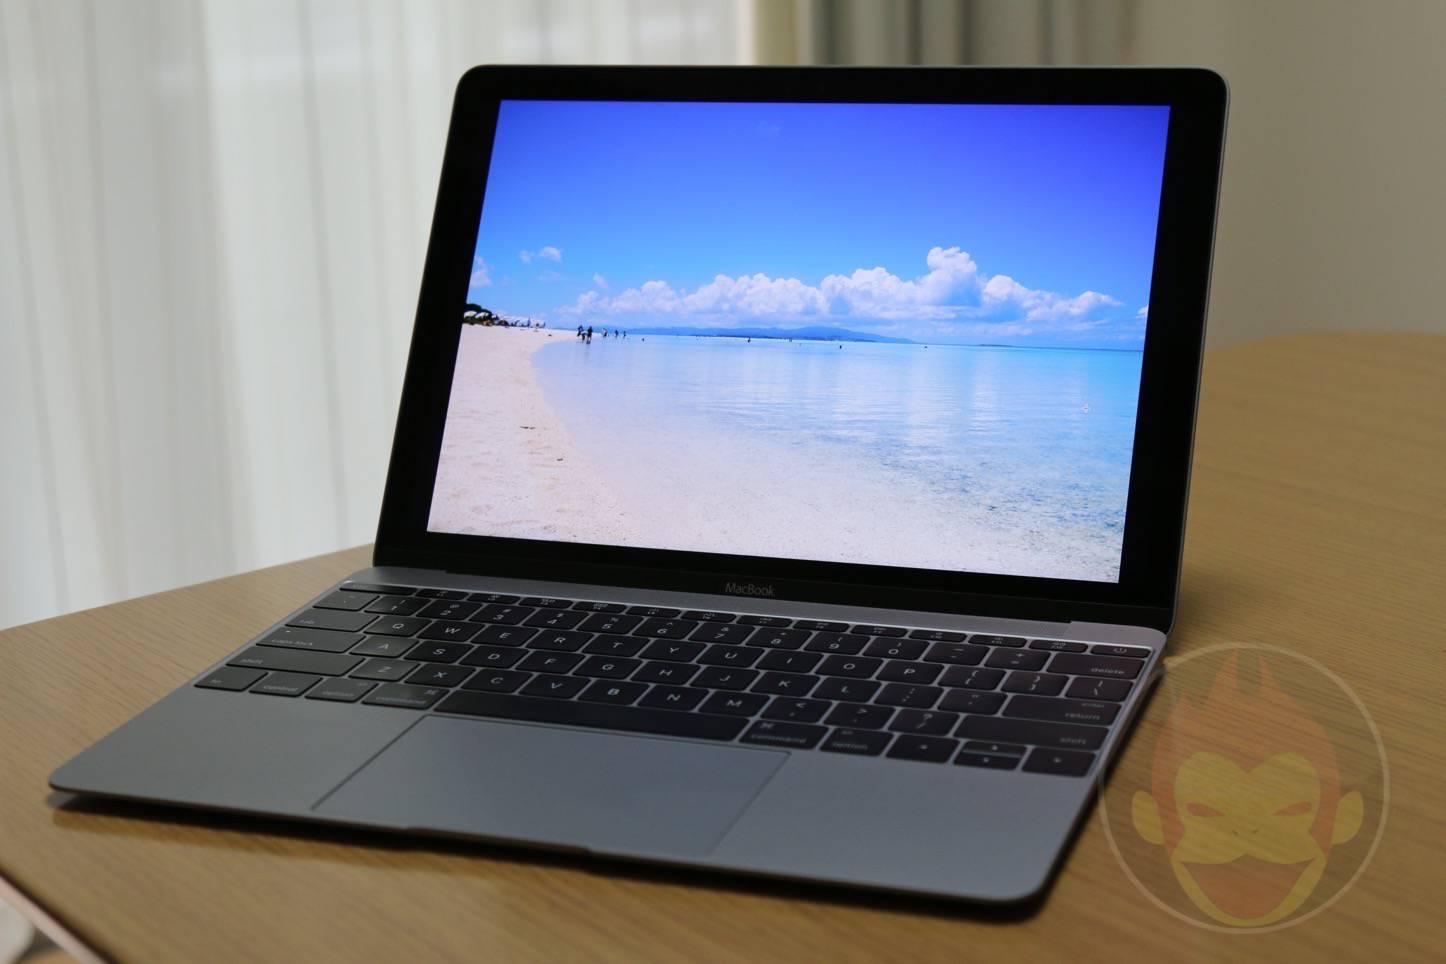 12インチ型MacBookを使って分かった11のこと